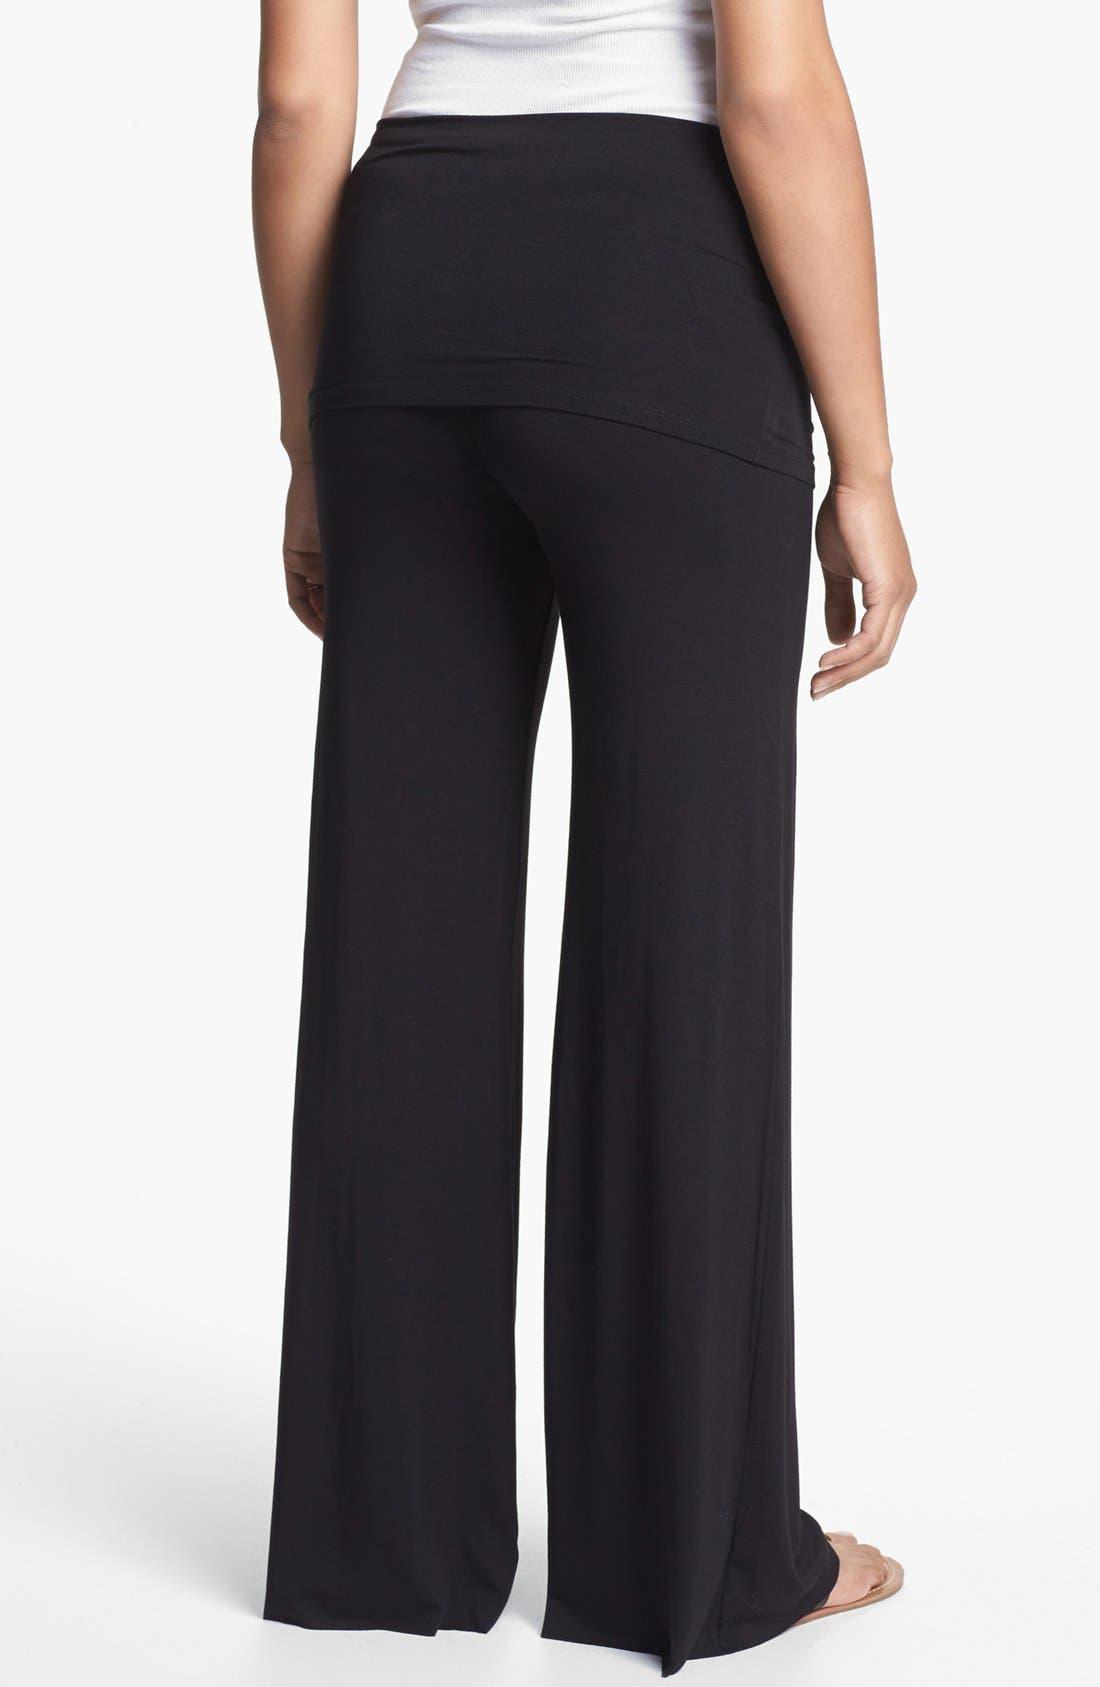 MATERNAL AMERICA, Knit Flare Leg Maternity Pants, Alternate thumbnail 3, color, BLACK